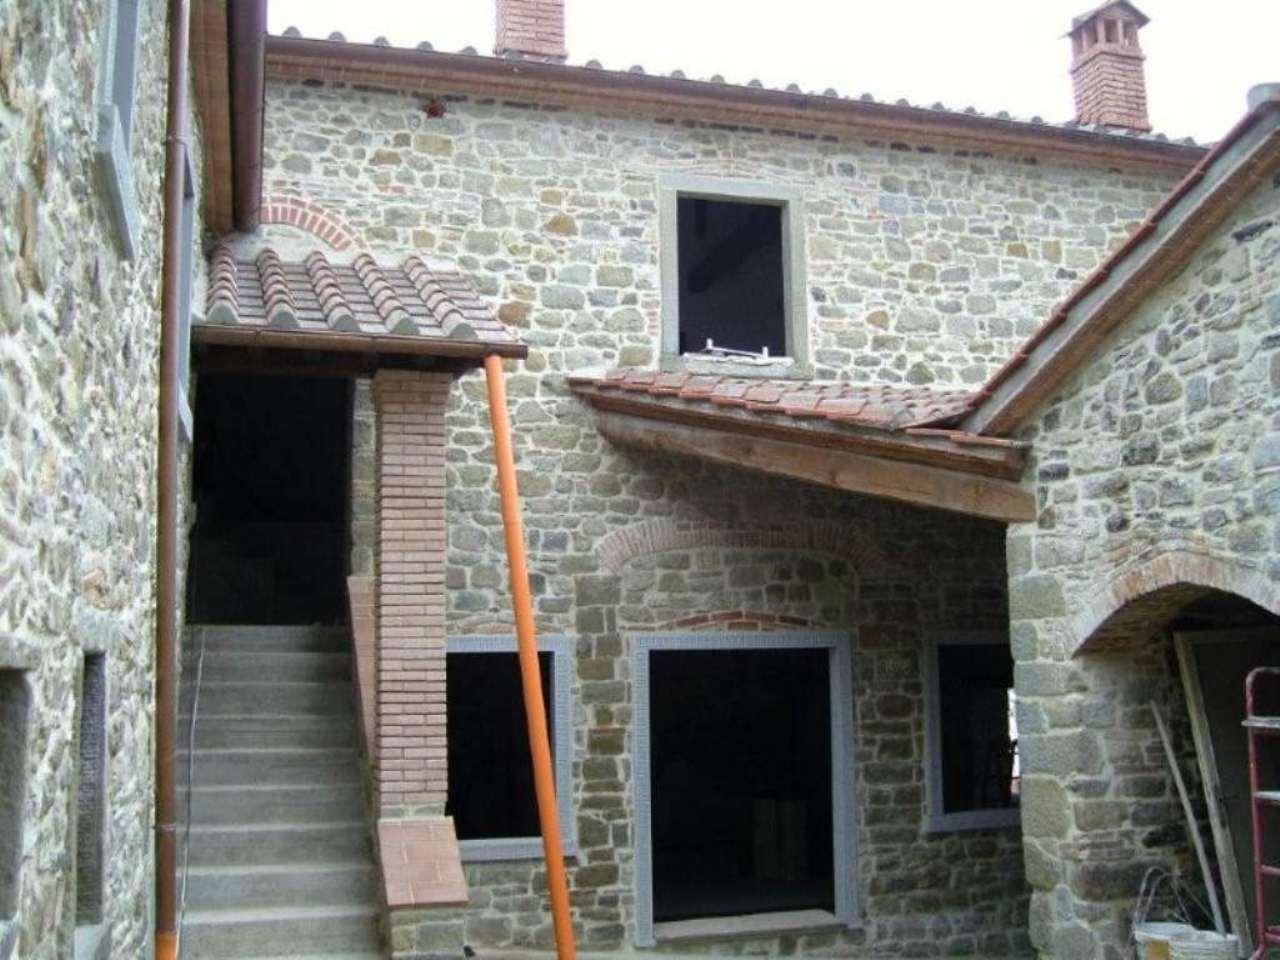 Rustico / Casale in vendita a Pratovecchio Stia, 20 locali, prezzo € 650.000 | Cambio Casa.it